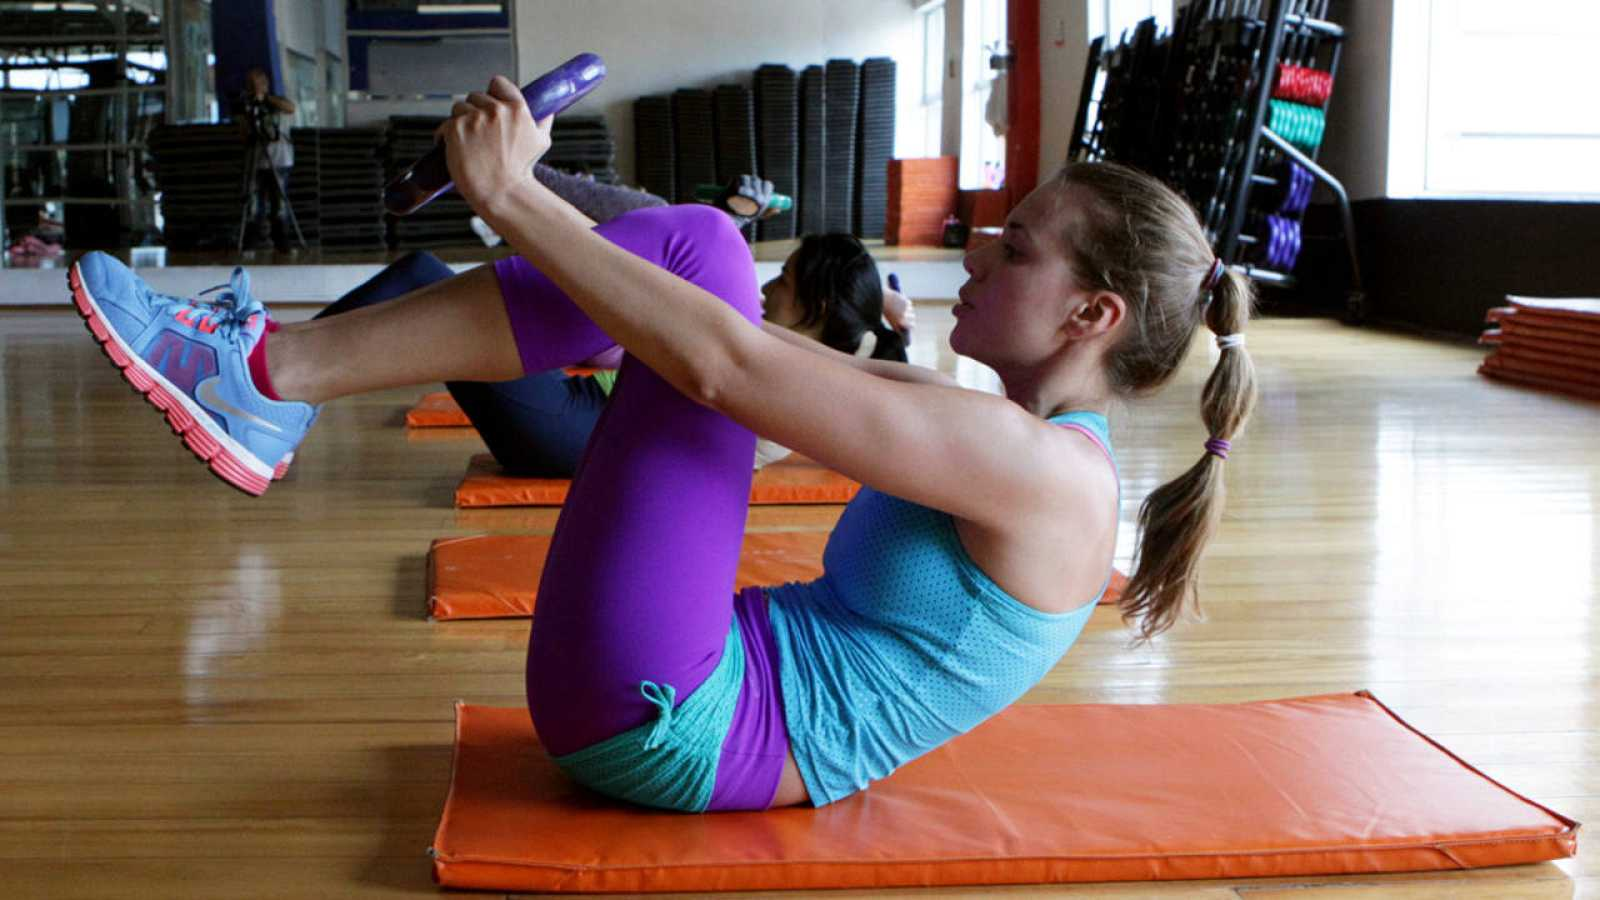 Una dieta adecuada podría tener más importancia que dejarse la piel en el gimnasio.